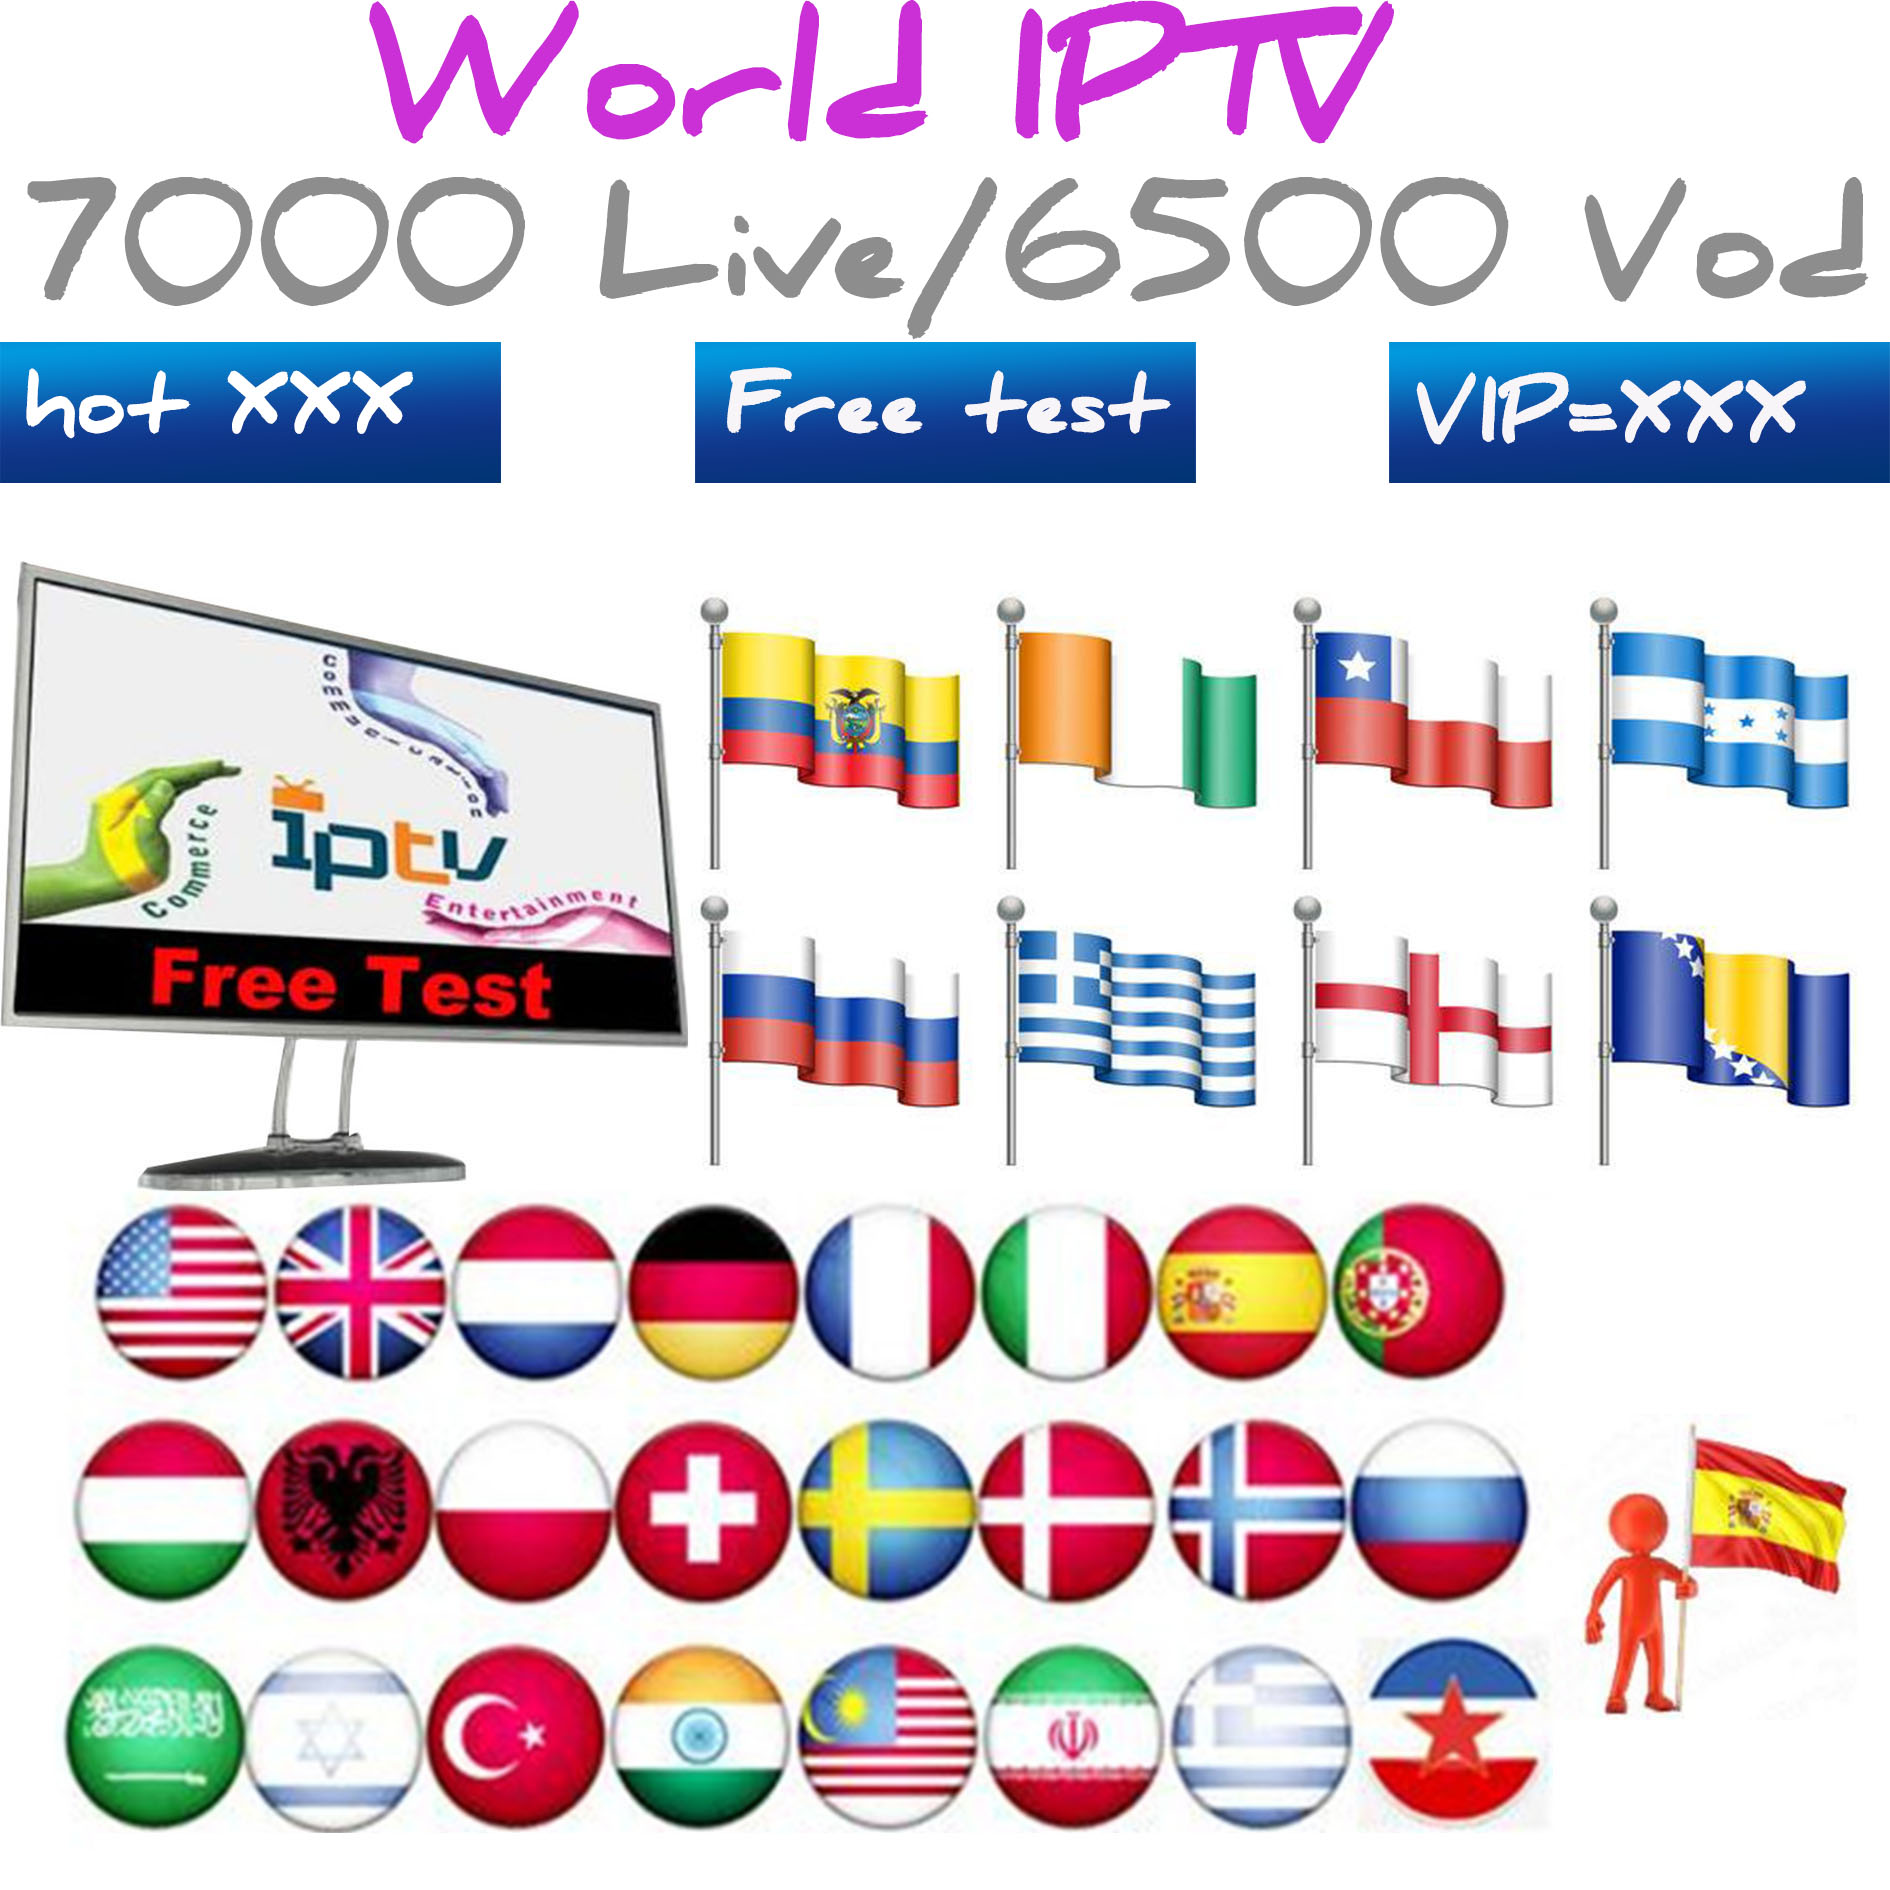 Arabisch IPTV Abonnement android tv box NEOTV PRO Italienisch Spanisch Europa Deutschland Belgien IPTV code Globale IPTV abonnement XXX